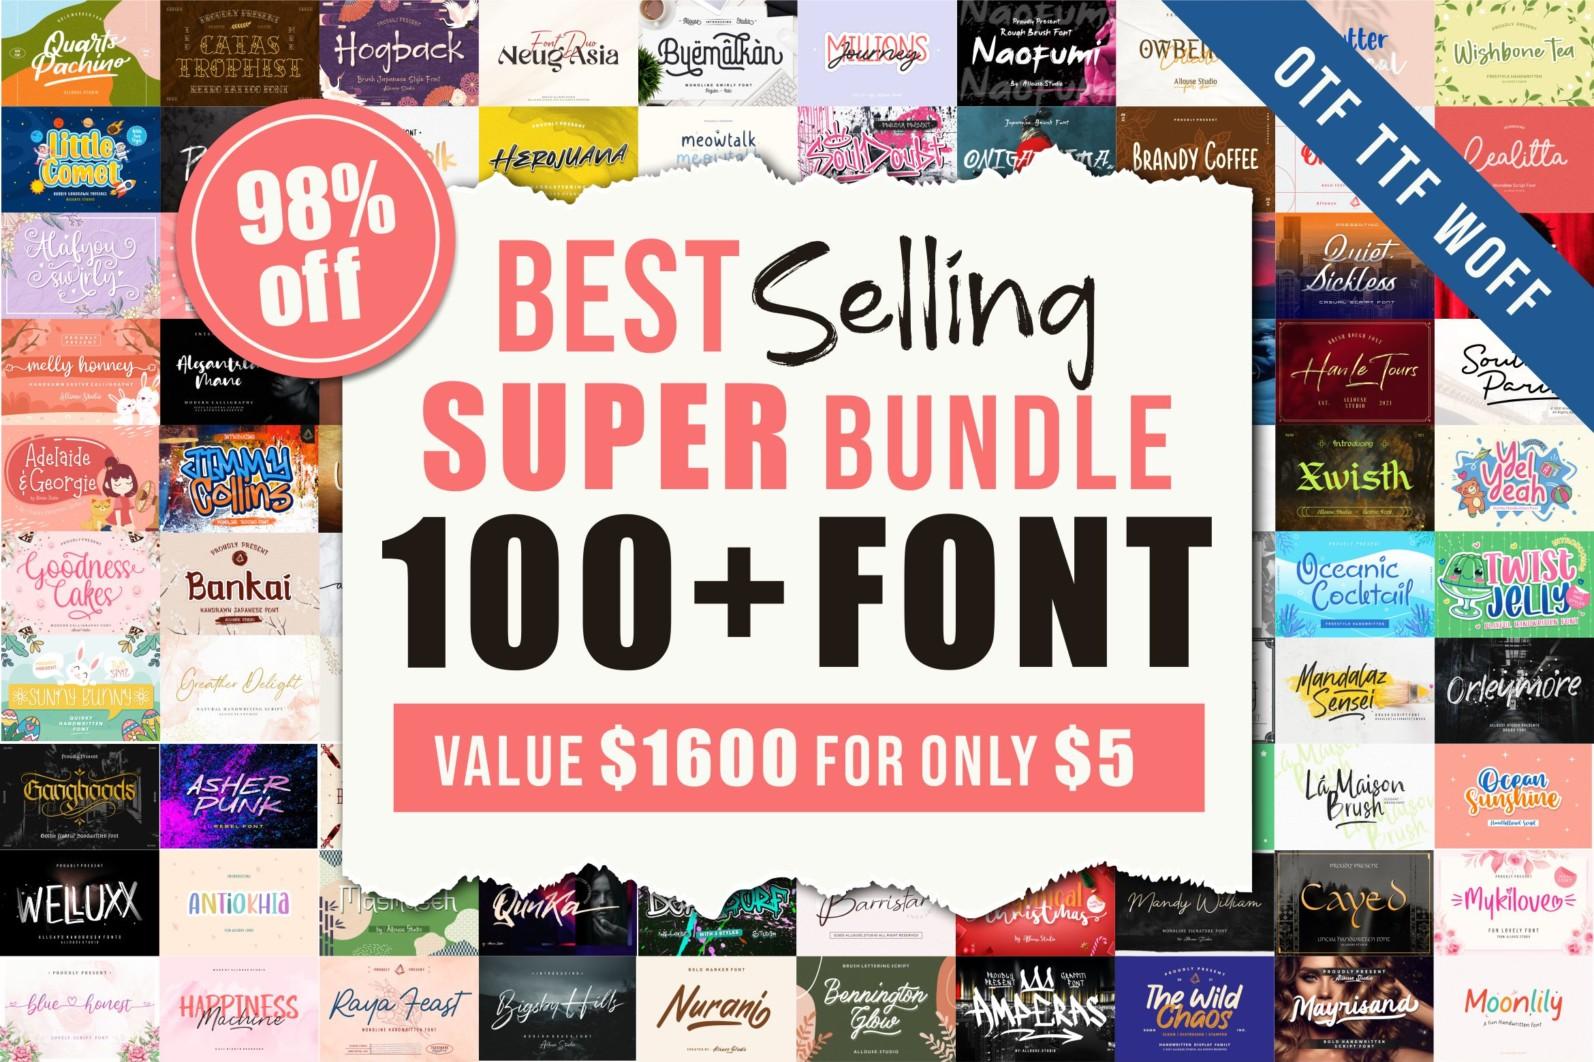 Best Seller 100 Font Bundle - thj -